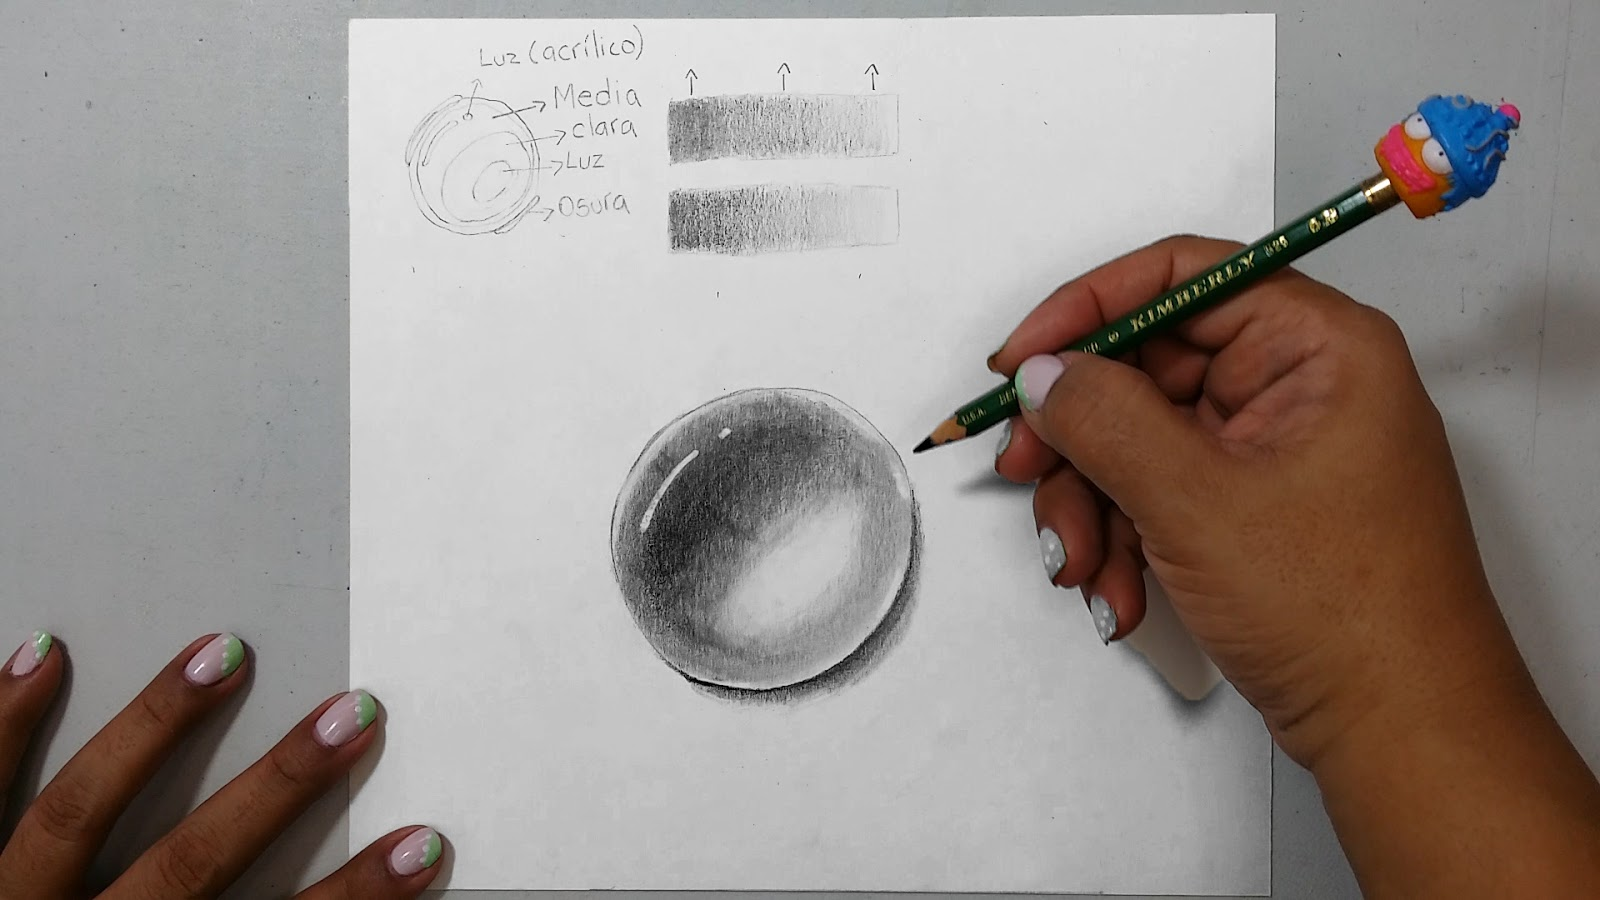 Dibujando Con Delein Como Hacer Una Libreta De Dibujo: Dibujando Con Delein: Como Dibujar Una Gema Paso A Paso